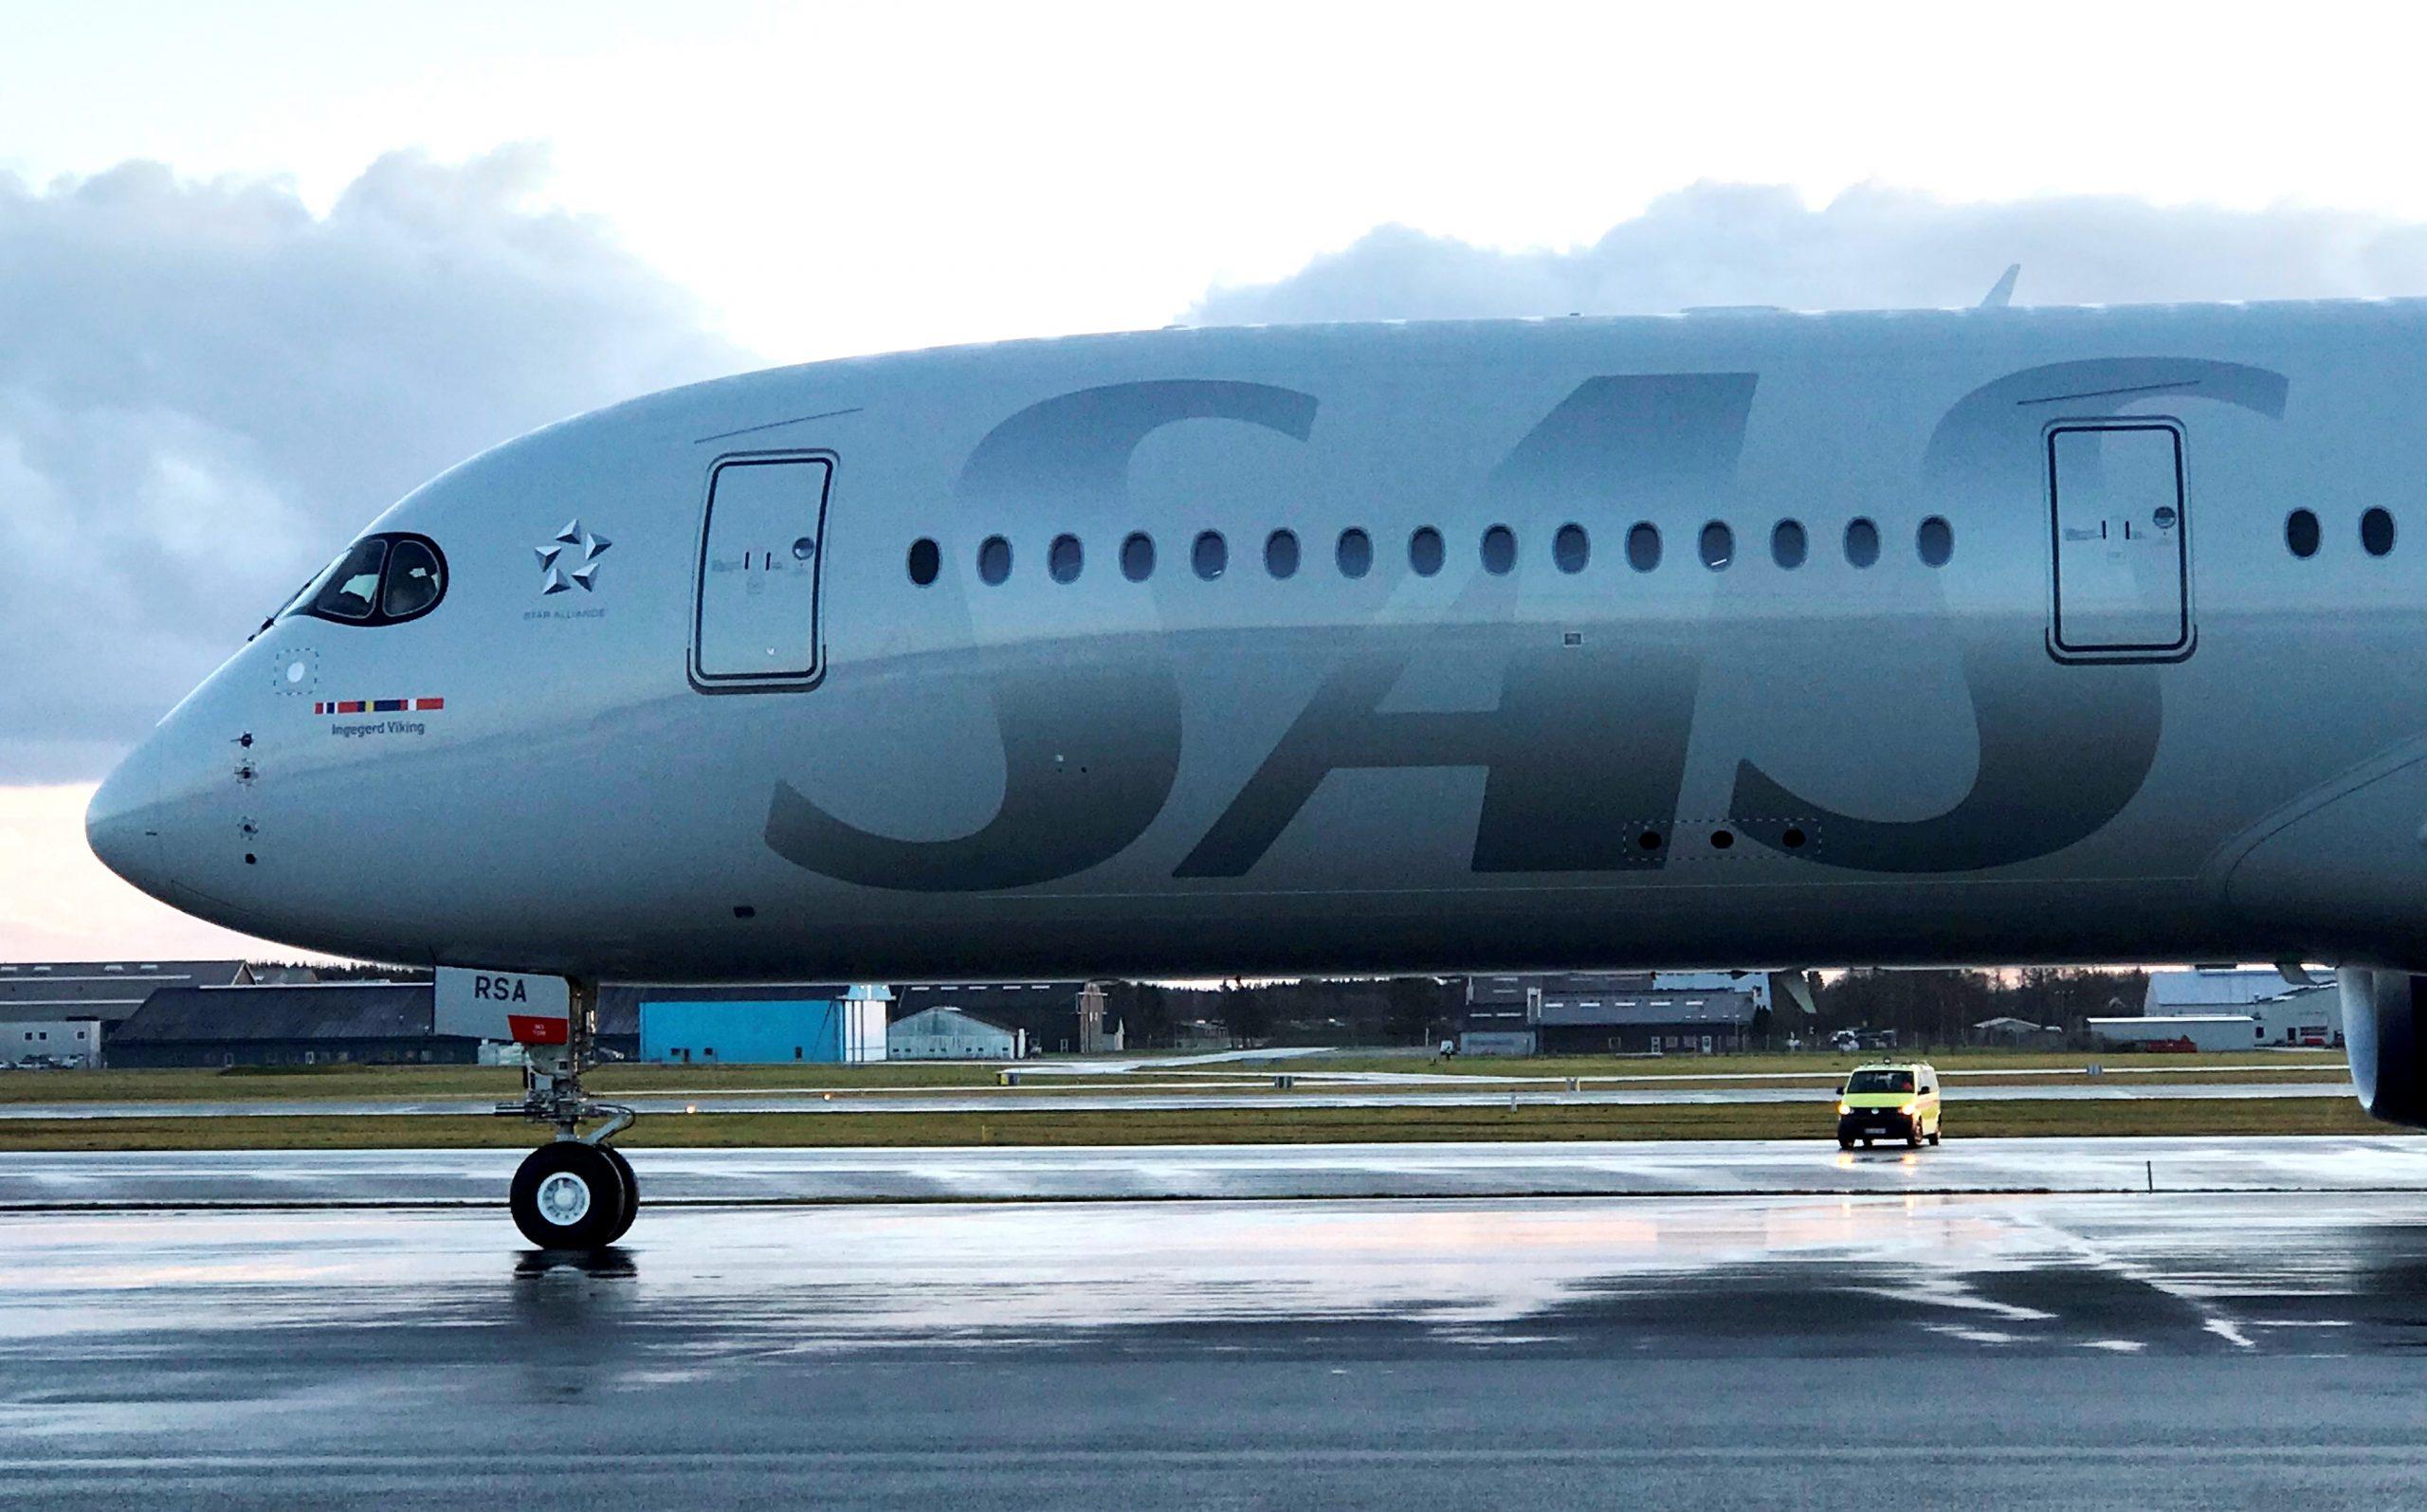 Airbus A350-900 fra SAS ved træningsflyvninger i Billund Lufthavn. (Foto: Ole Kirchert Christensen)